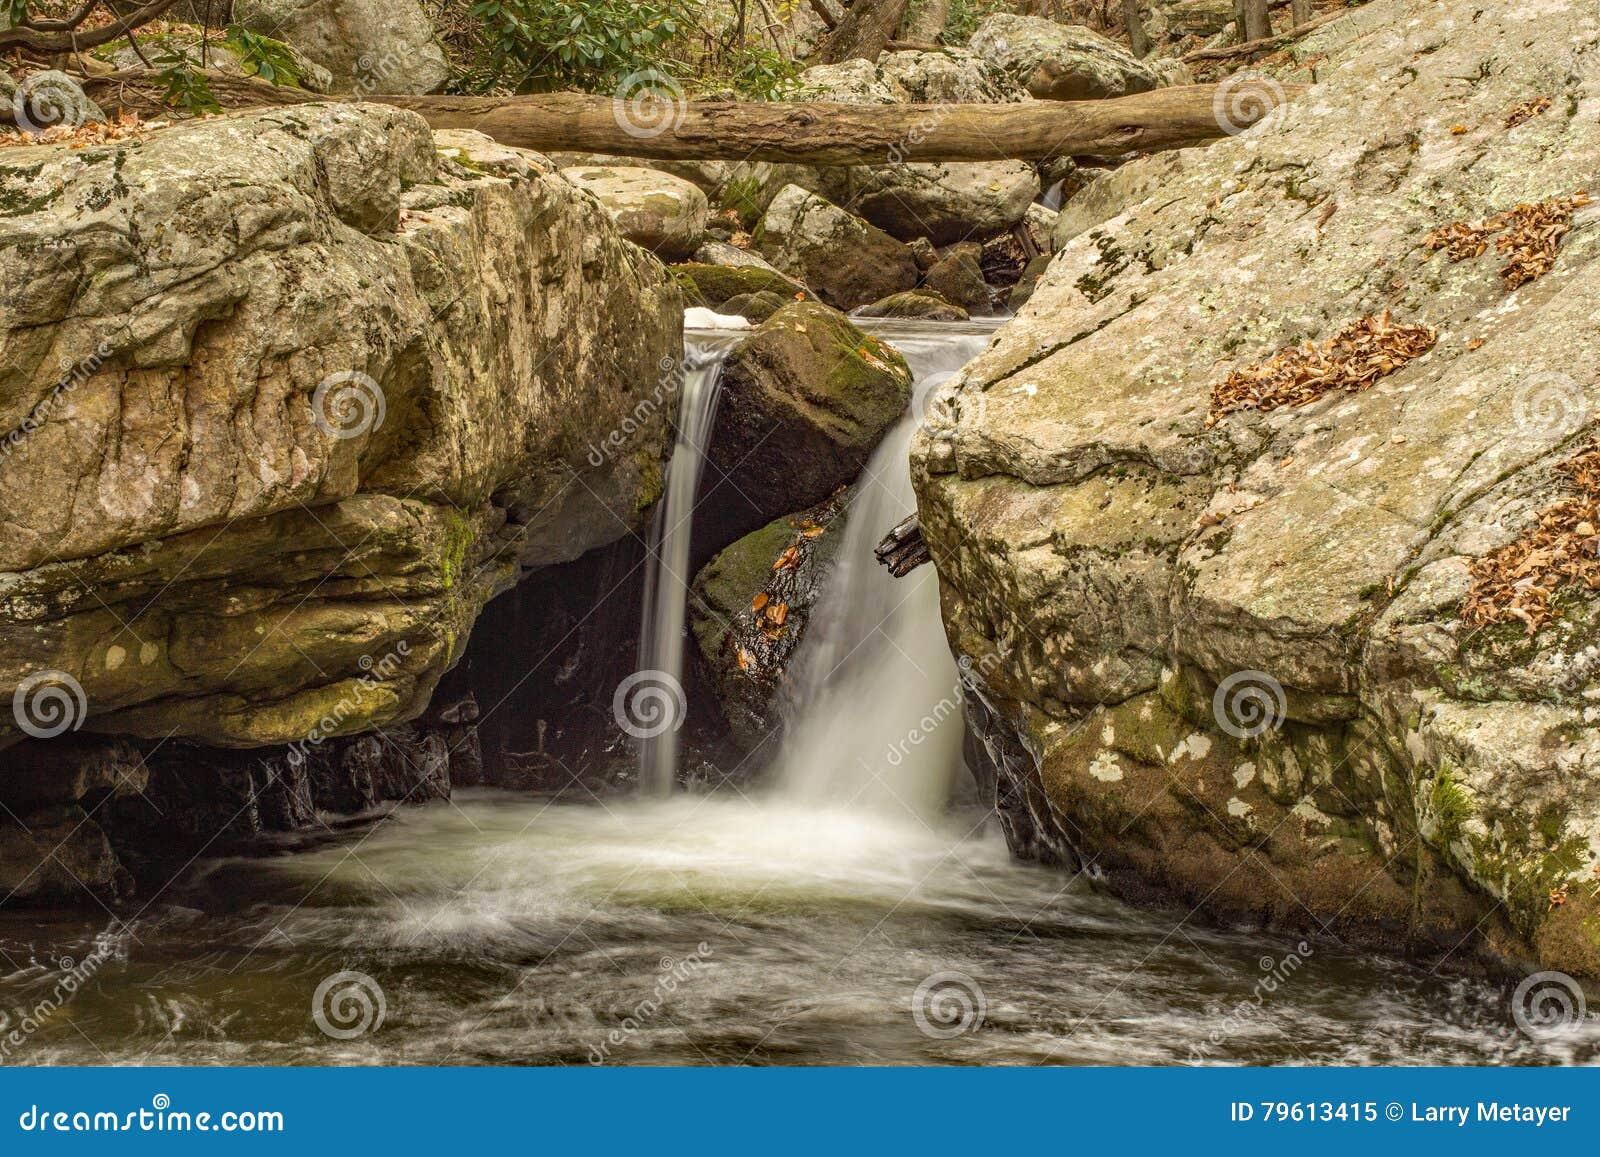 Cachoeiras de conexão em cascata, Virgínia, EUA